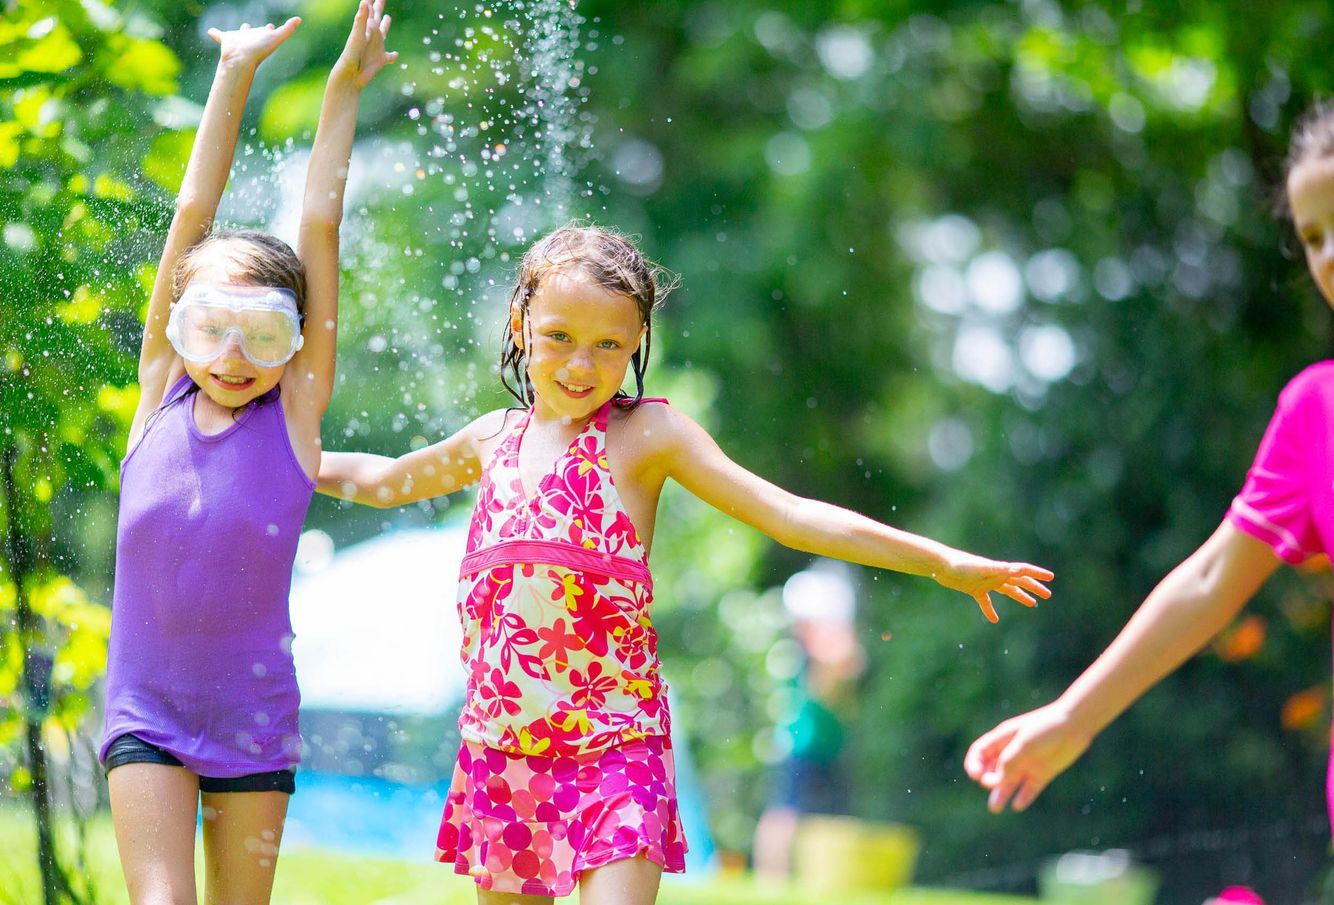 Girls in sprinkler